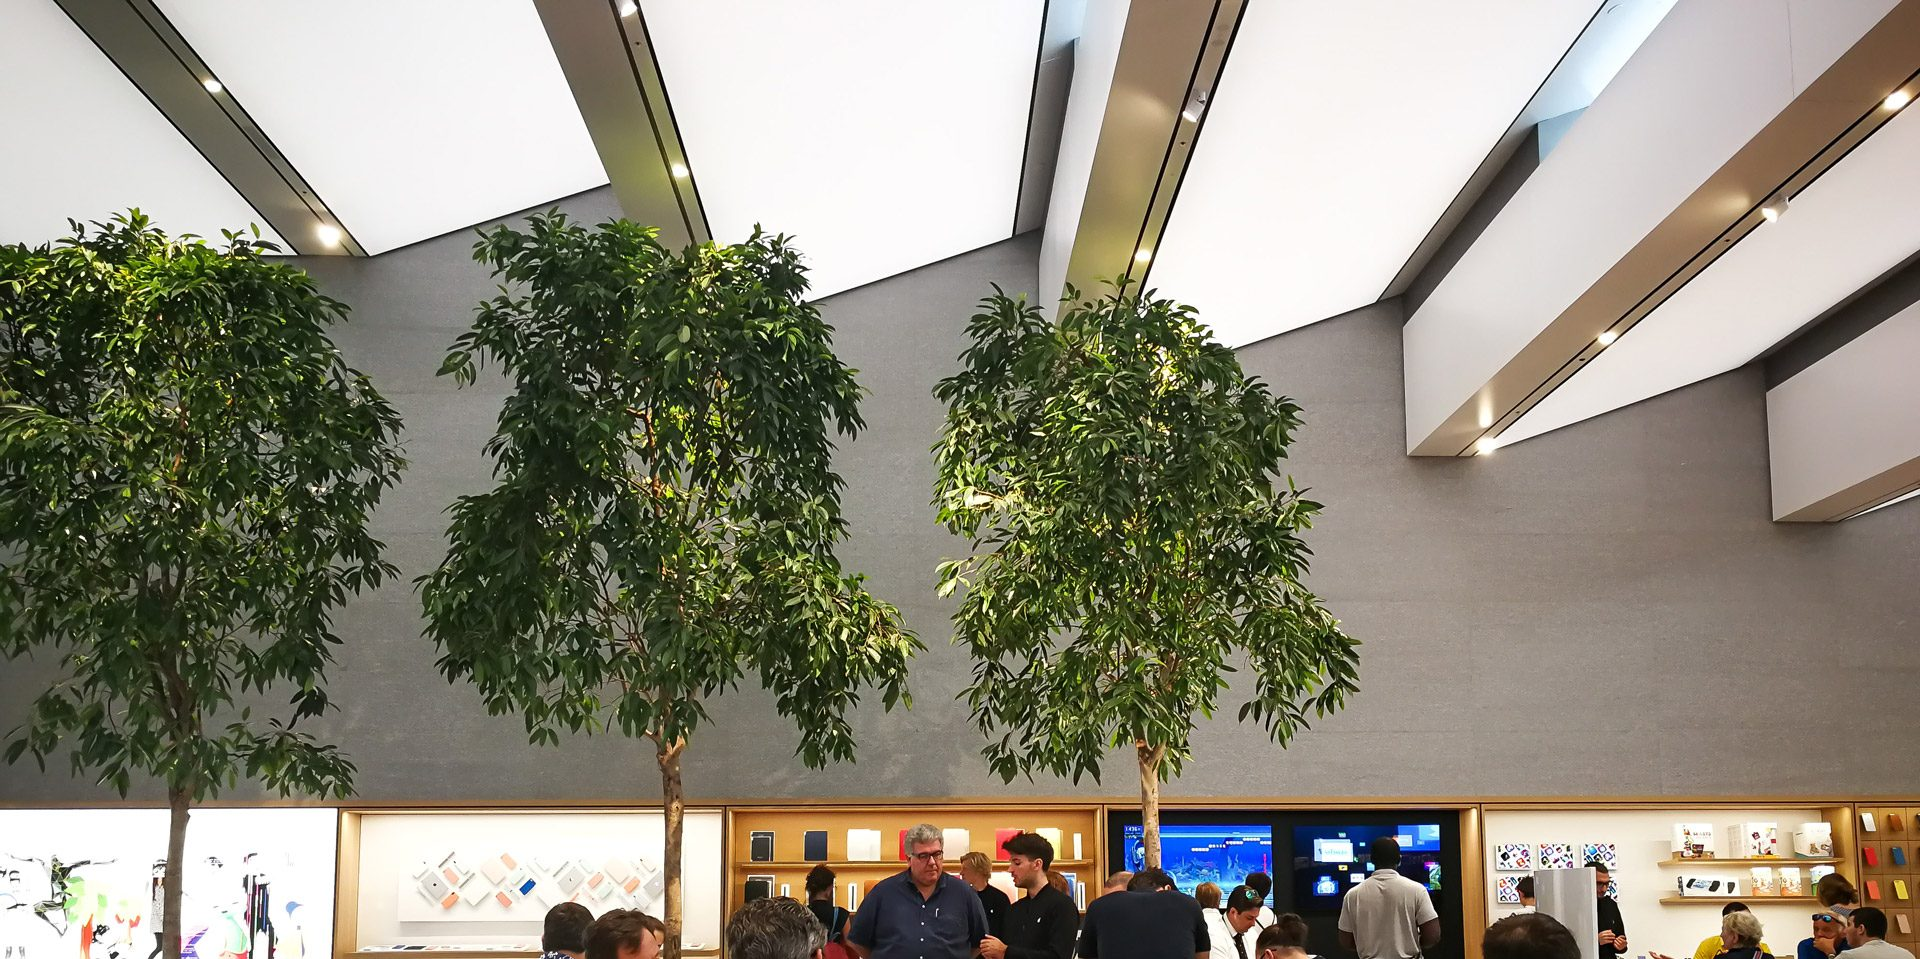 apple strore milan internal hall picture of lucia verrecchia